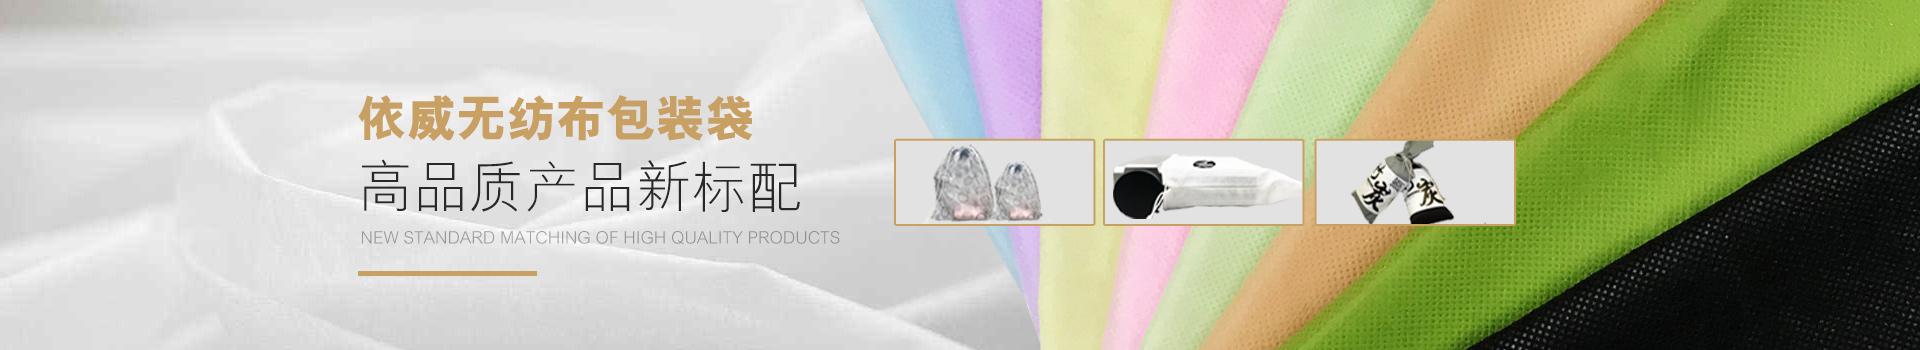 依威无纺布包装袋高品质,产品新标配